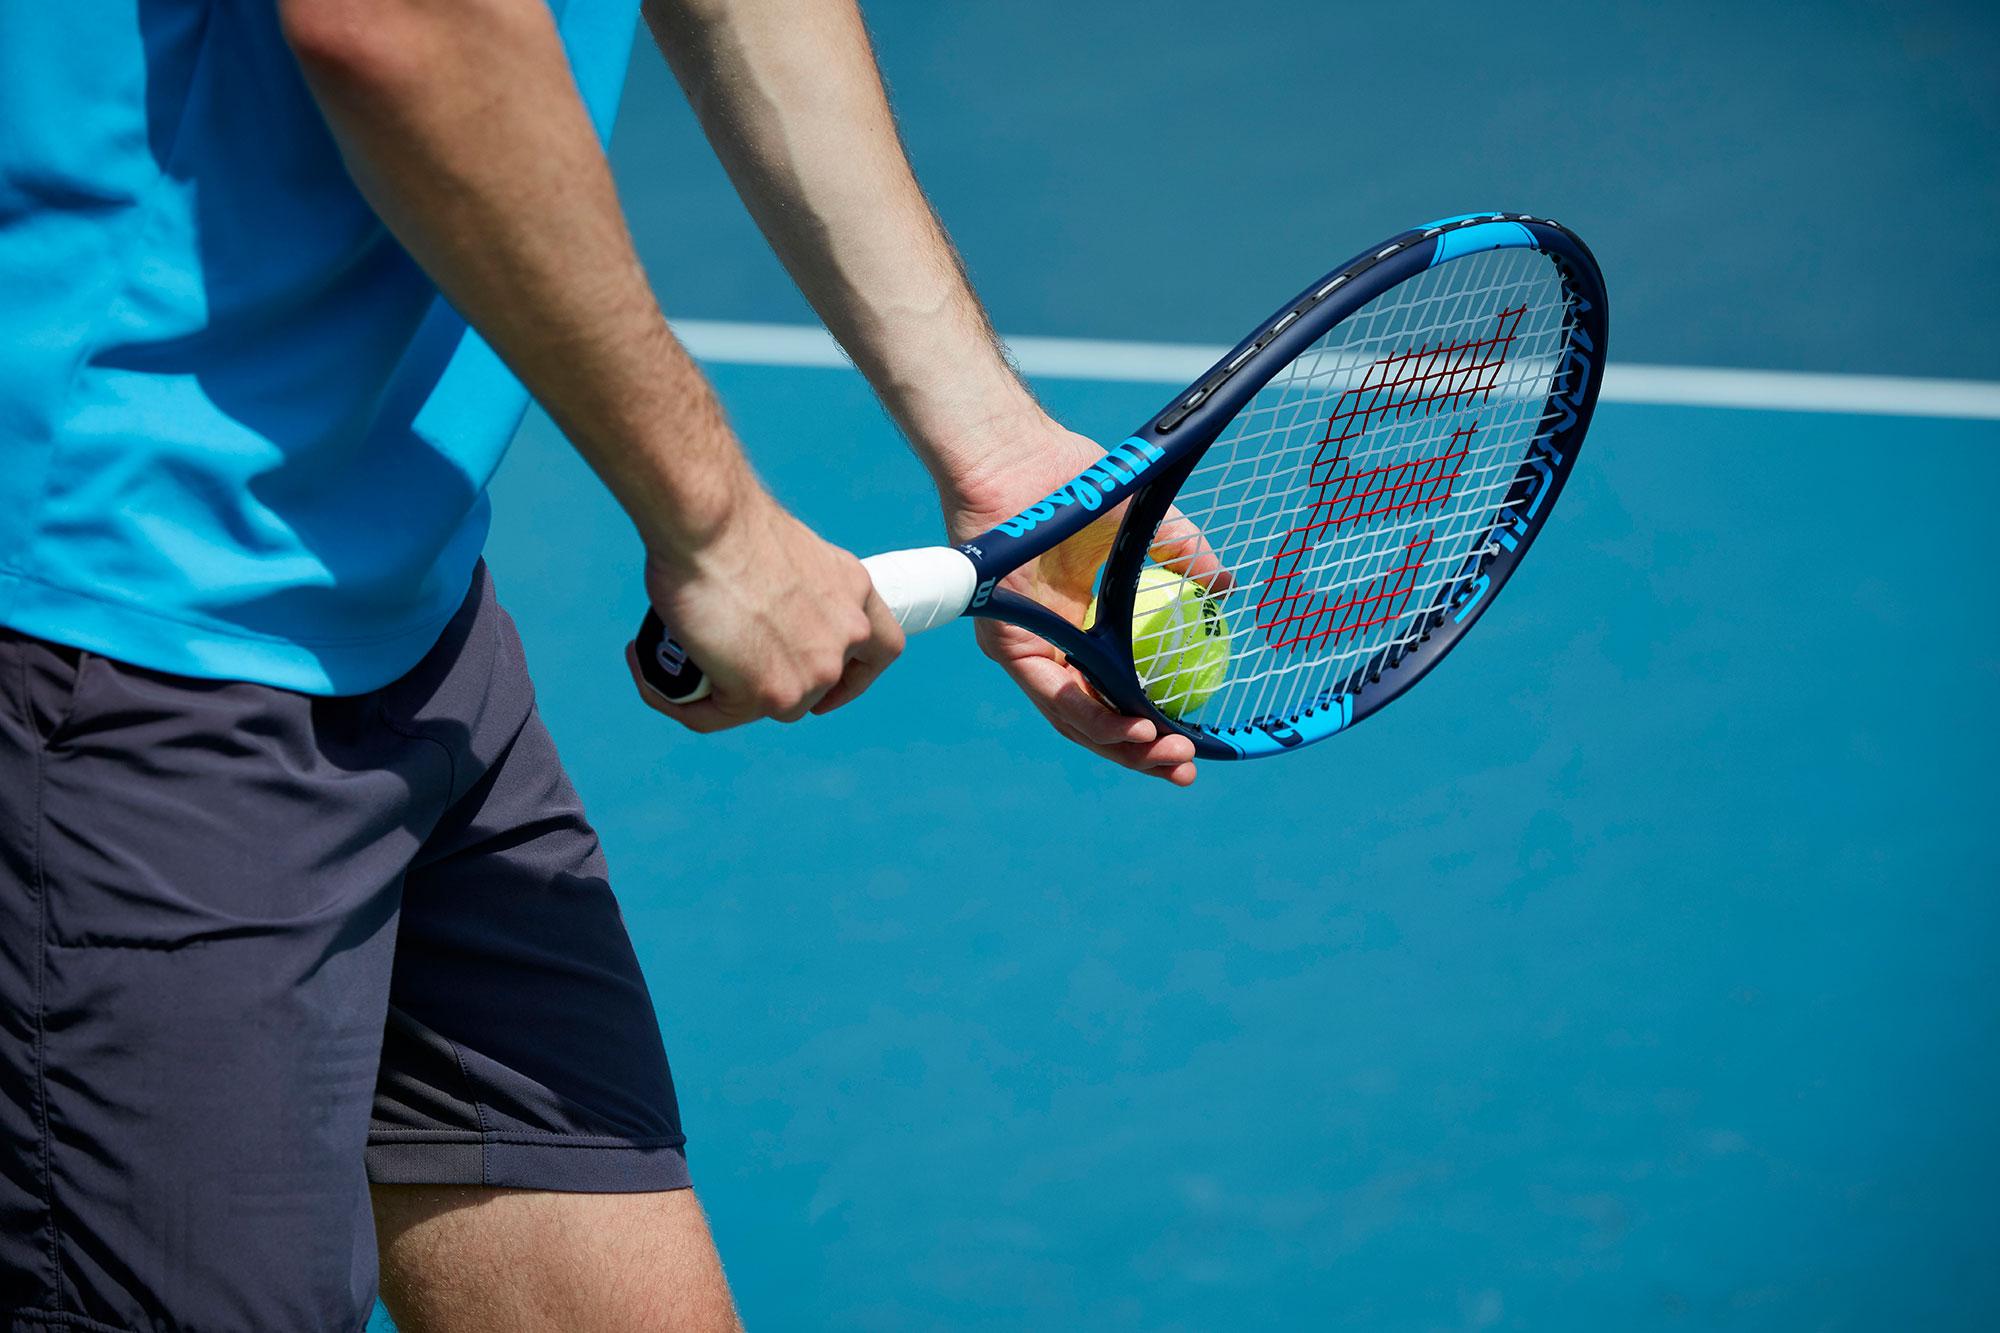 Tennis für Jedermann - Technik, Taktik und spielsituatives Training nach den neuesten Erkenntnissen nationaler (DTB / HTV / VDT) und internationaler (ATP / GPTCA / PTR / USTA) Lehrmethodik. Wir garantieren ein kontinuierliches Weiterbilden unserer Trainer auf Schulungen und Fortbildungen durch die unterschiedlichen Verbände. Dadurch soll ein hohes Unterrichtsniveau unseres Trainerteams gewährleistet werden. Des Weiteren arbeiten unsere Trainer nach einem einheitlichem Trainingskonzept der Tennisschule welches wir Ihnen mit Hilfe unserer eigens entwickelten Software auf- und aus arbeiten und zur Verfügung stellen.